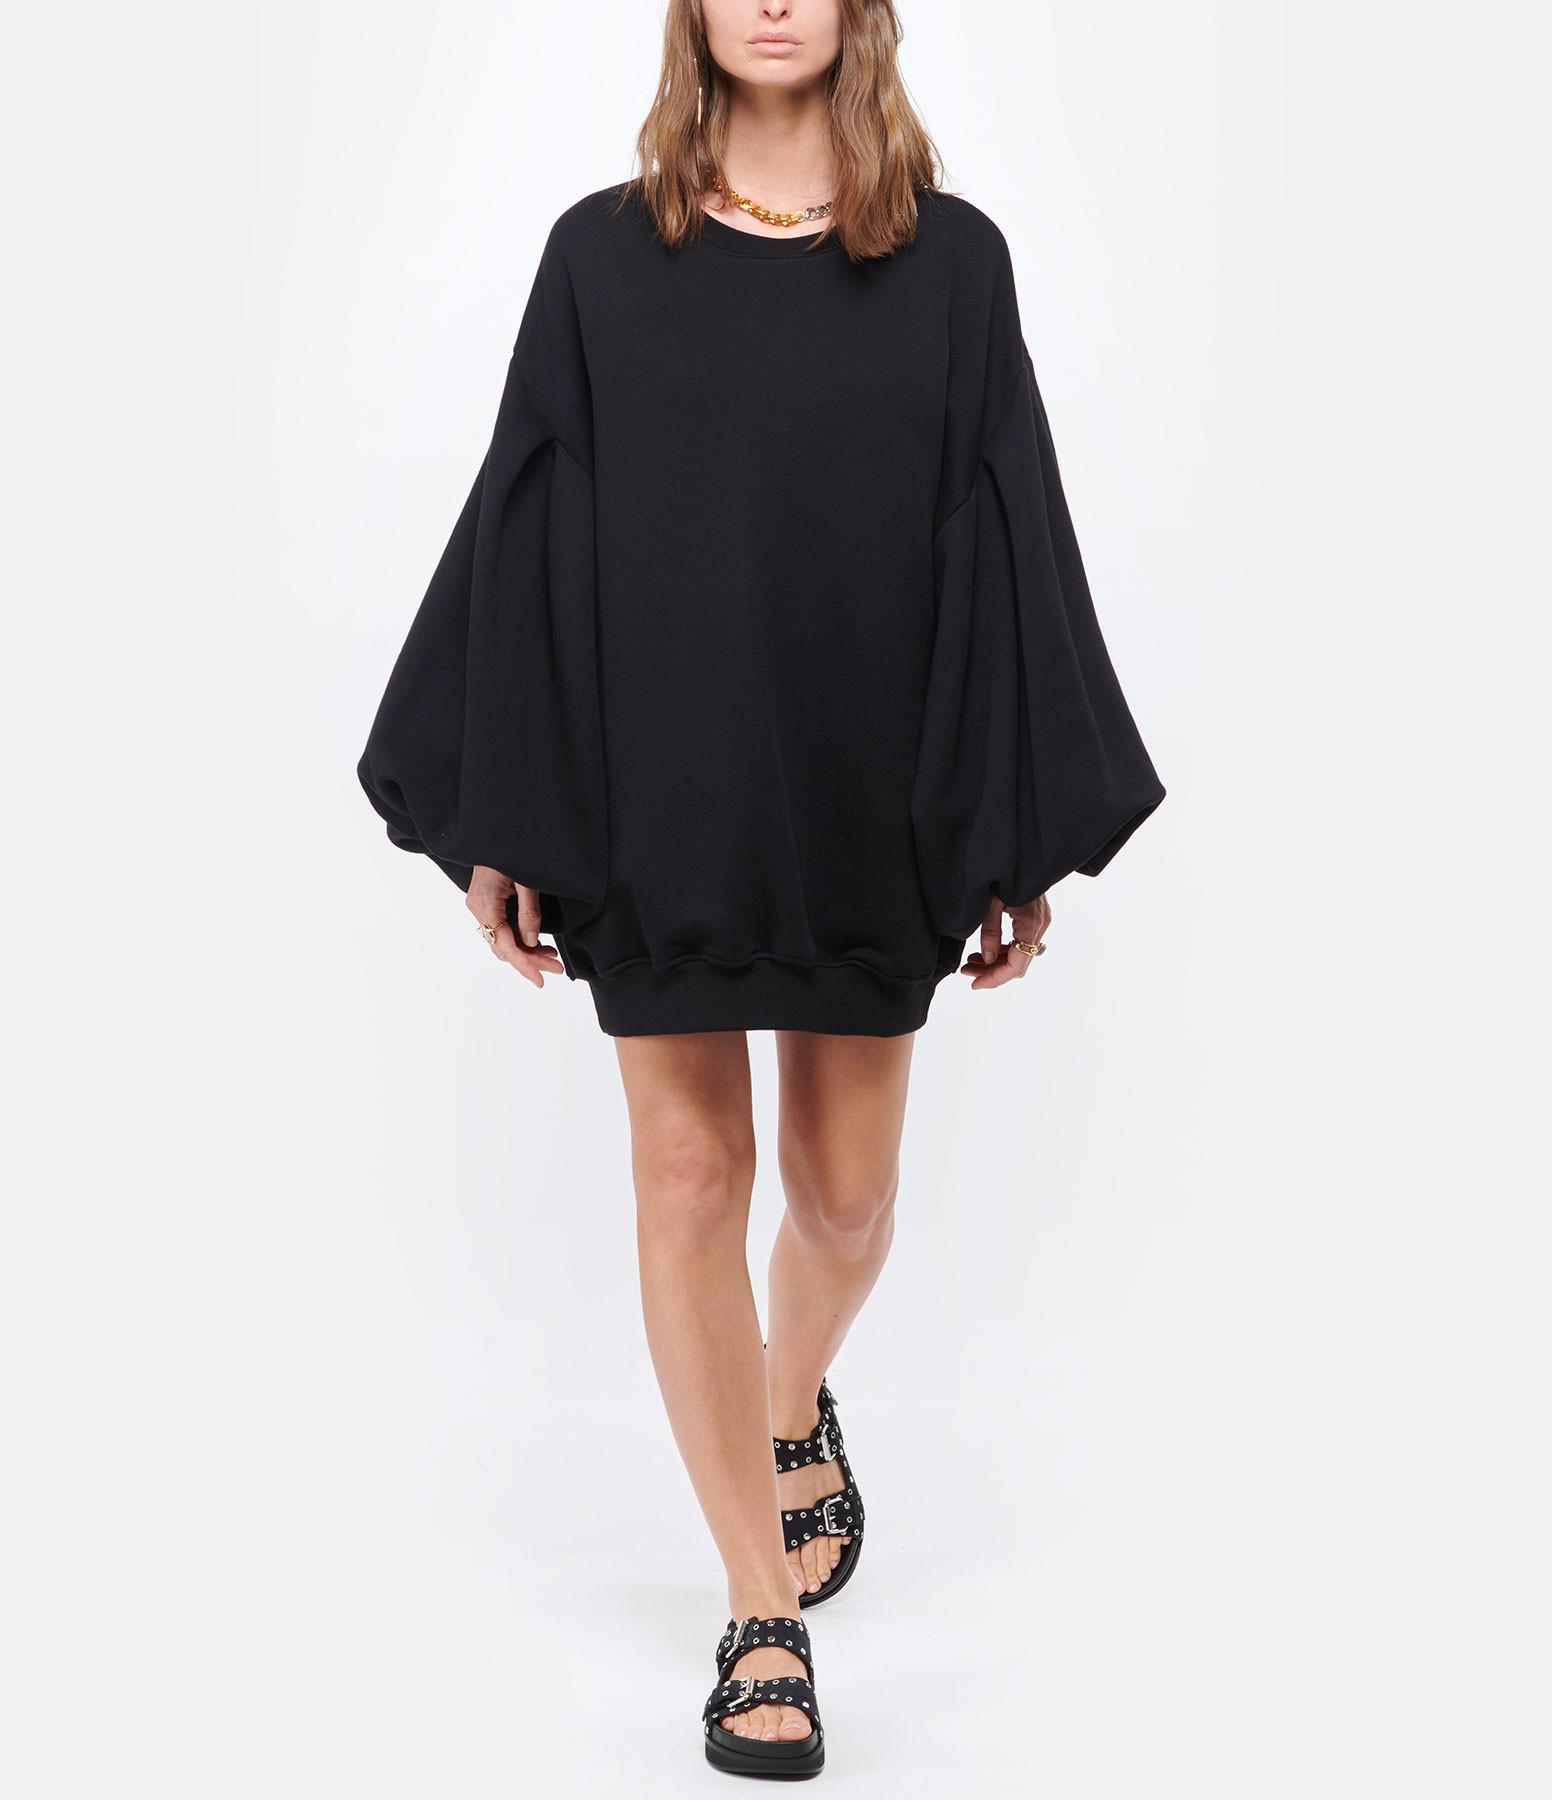 MADE IN TOMBOY - Robe Pull Kyla Noir